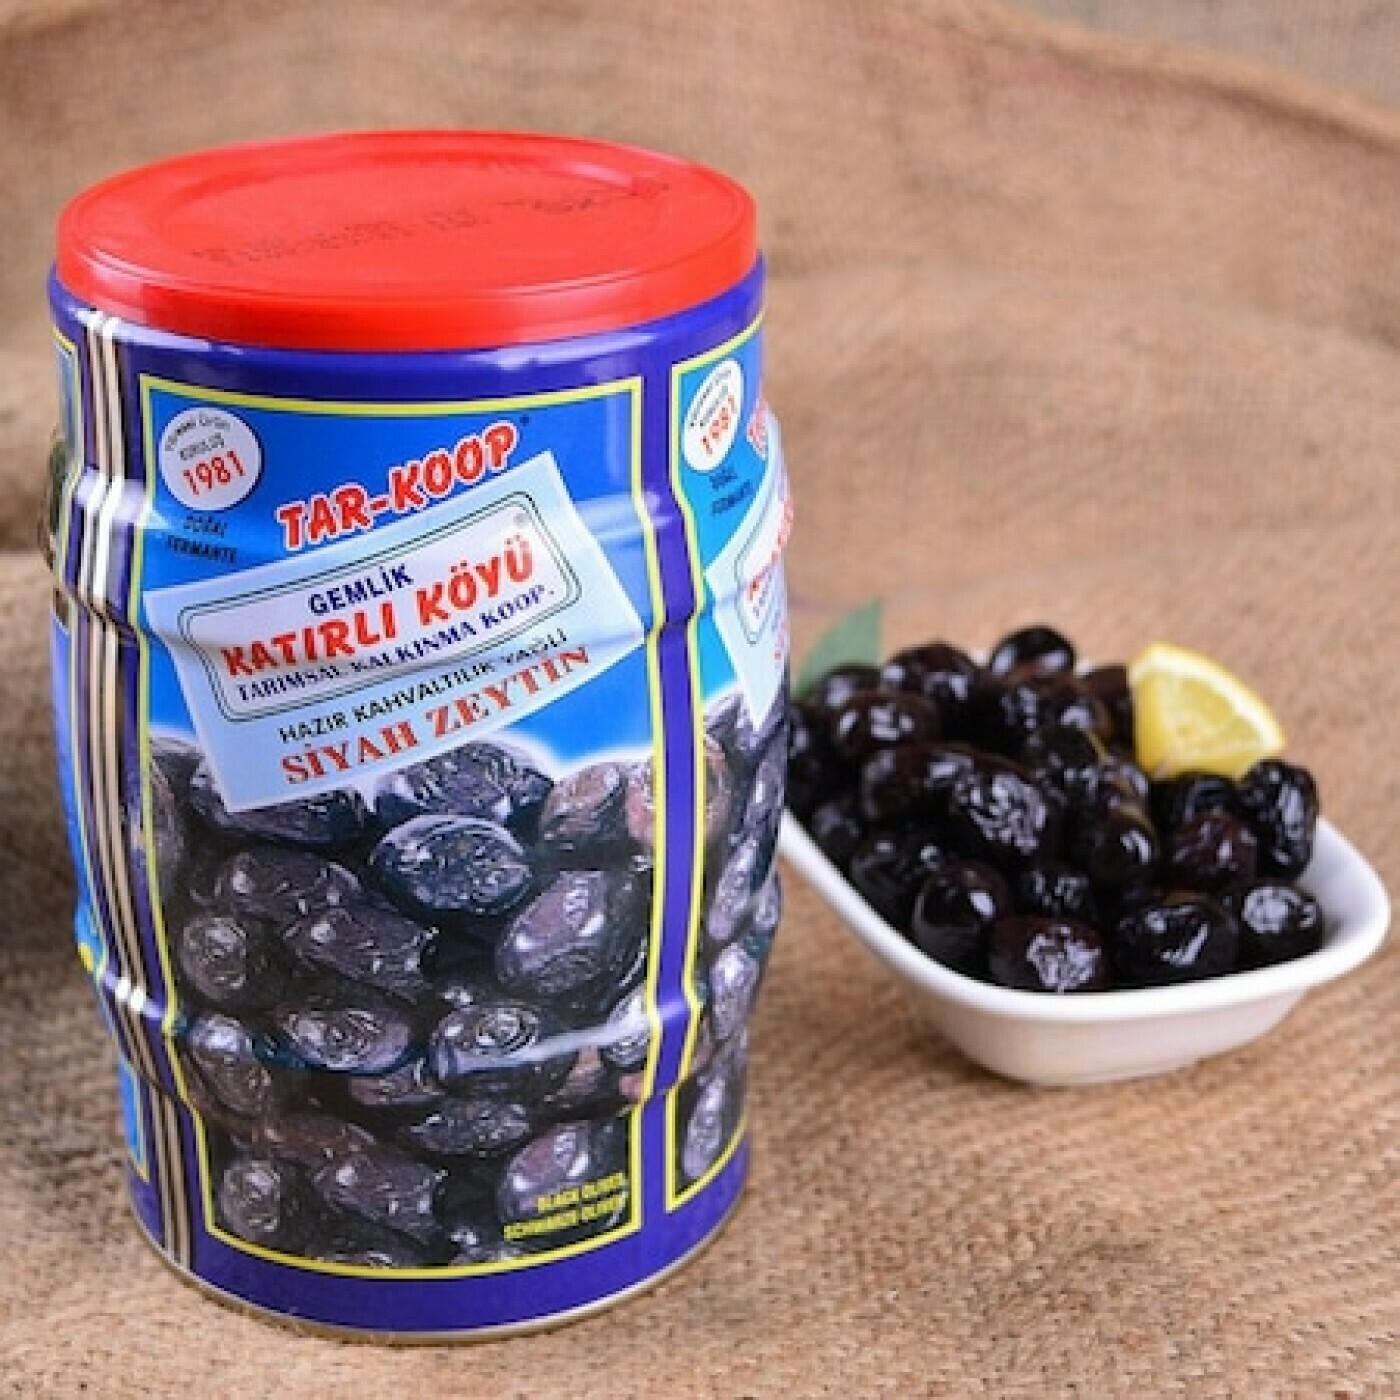 Gemlik Speziell Gourmet Tuerkische Schwarze Oliven-Katirli